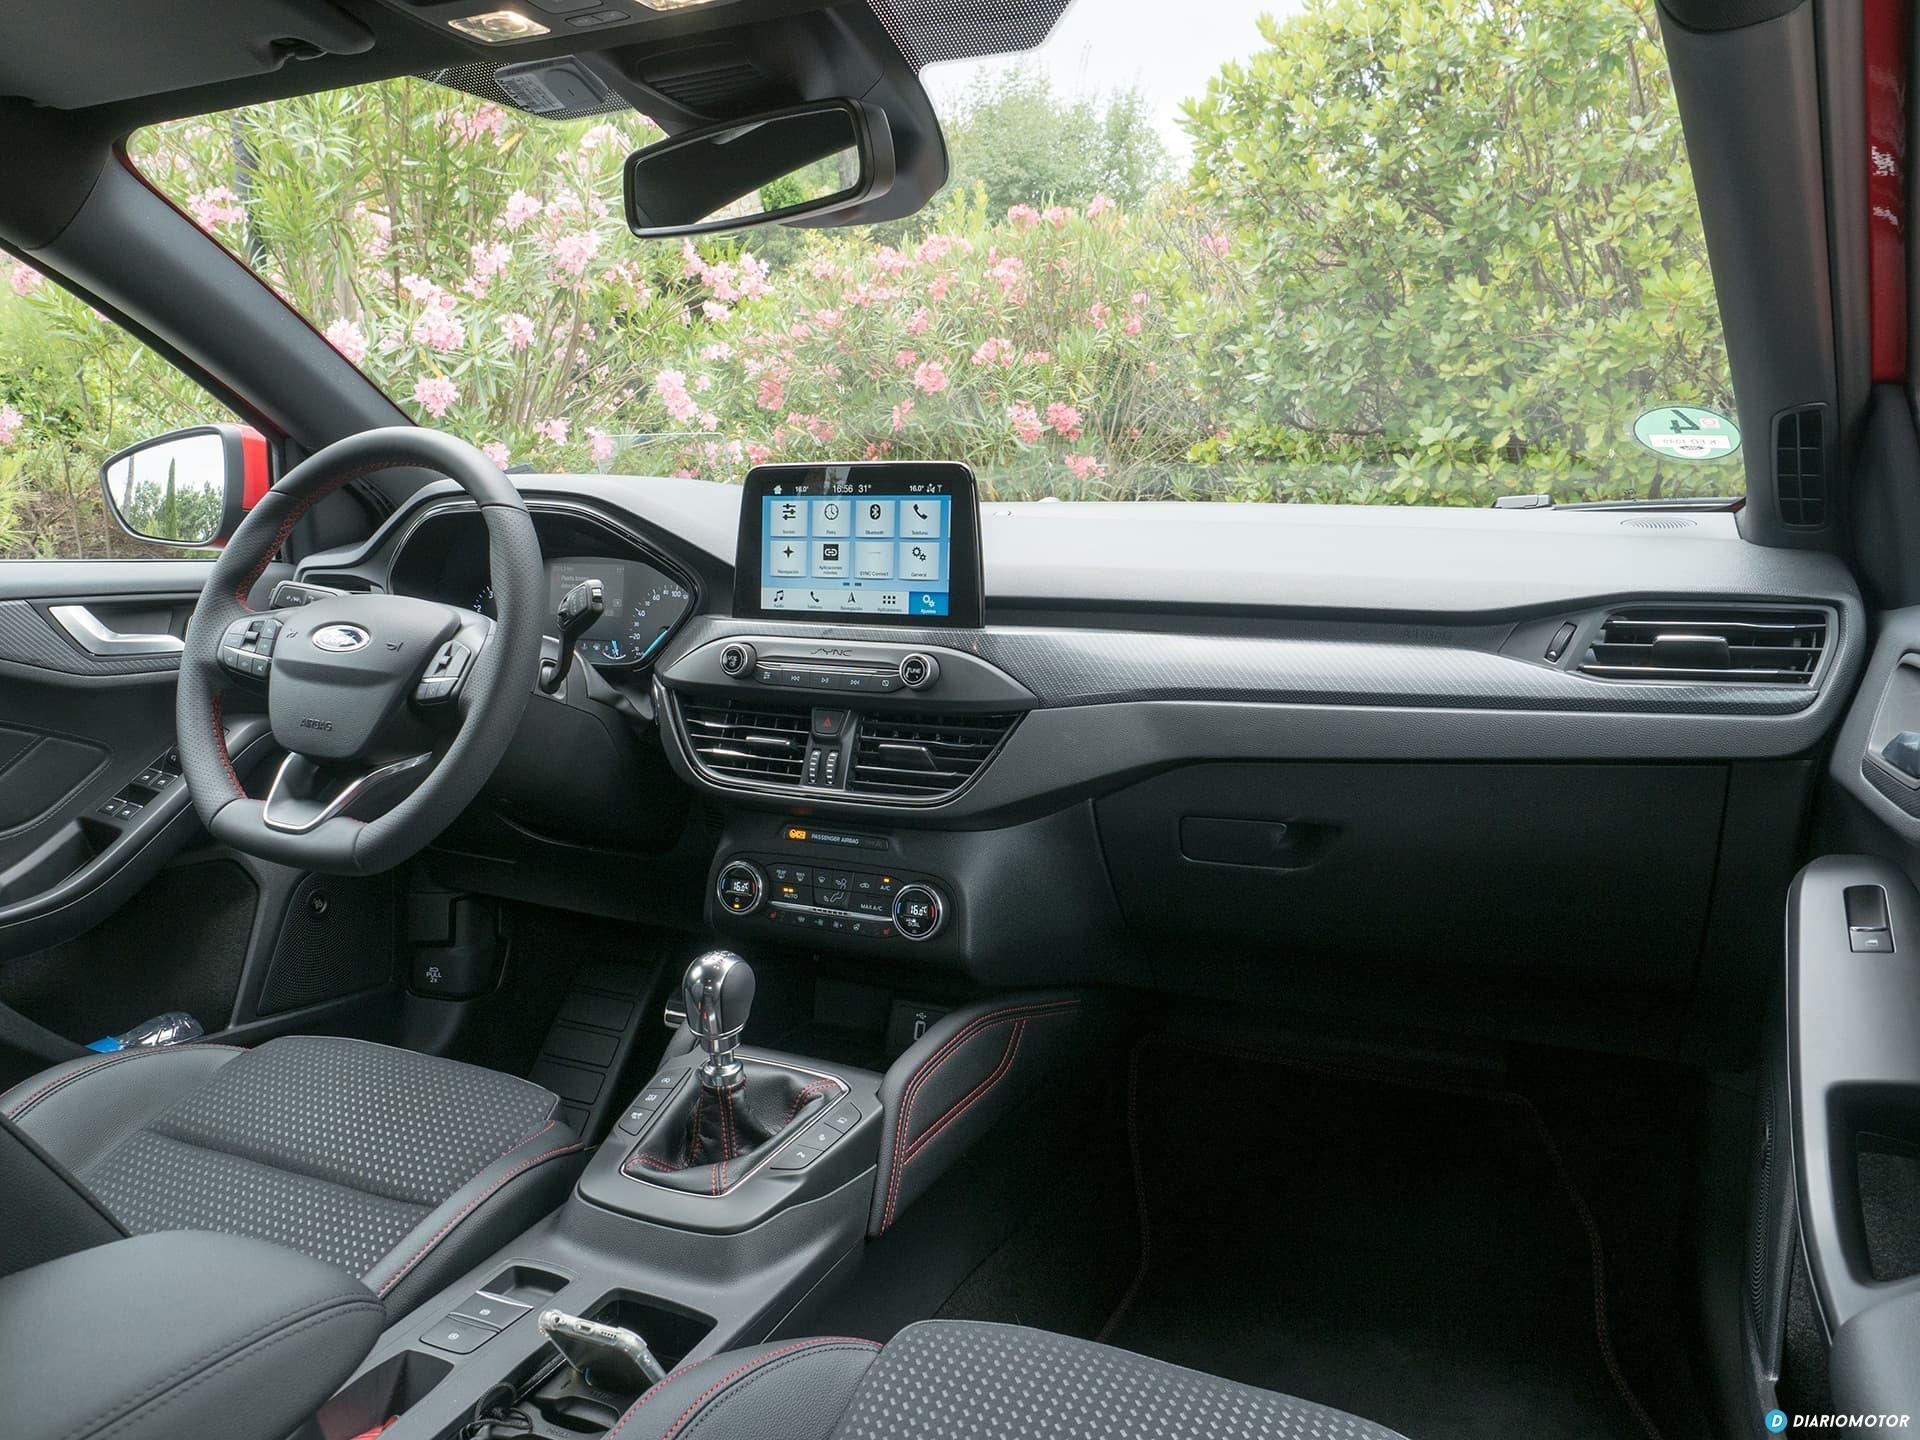 Ford Focus 2018 Interior 00012